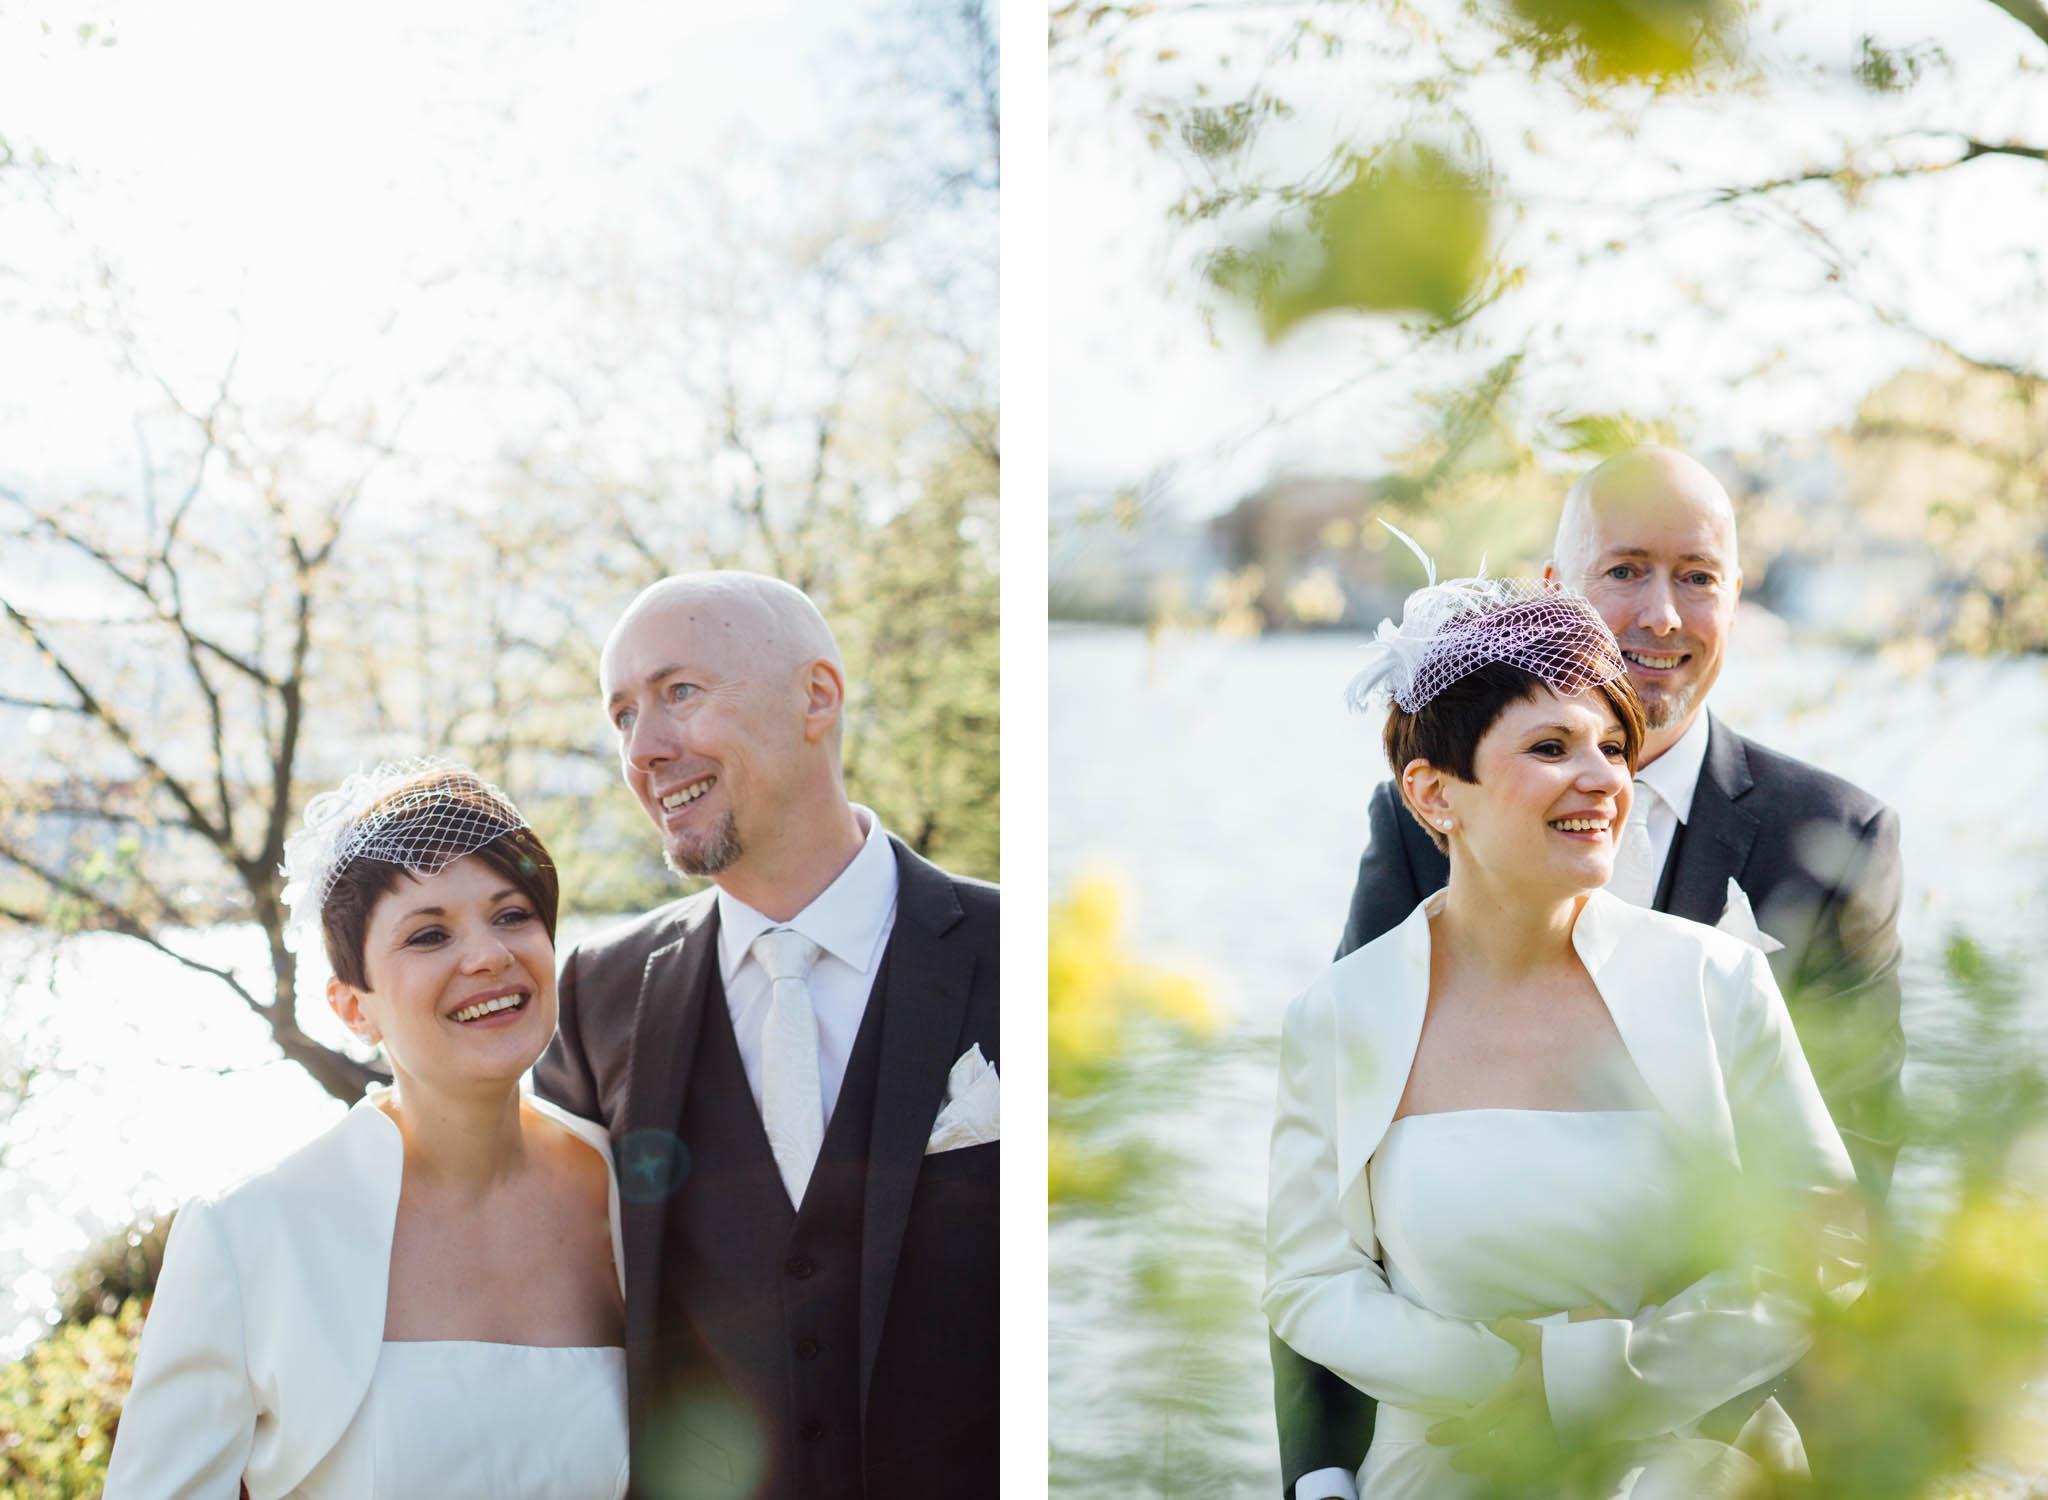 hochzeitsfotos-grün-wasser-blüten-gegenlicht